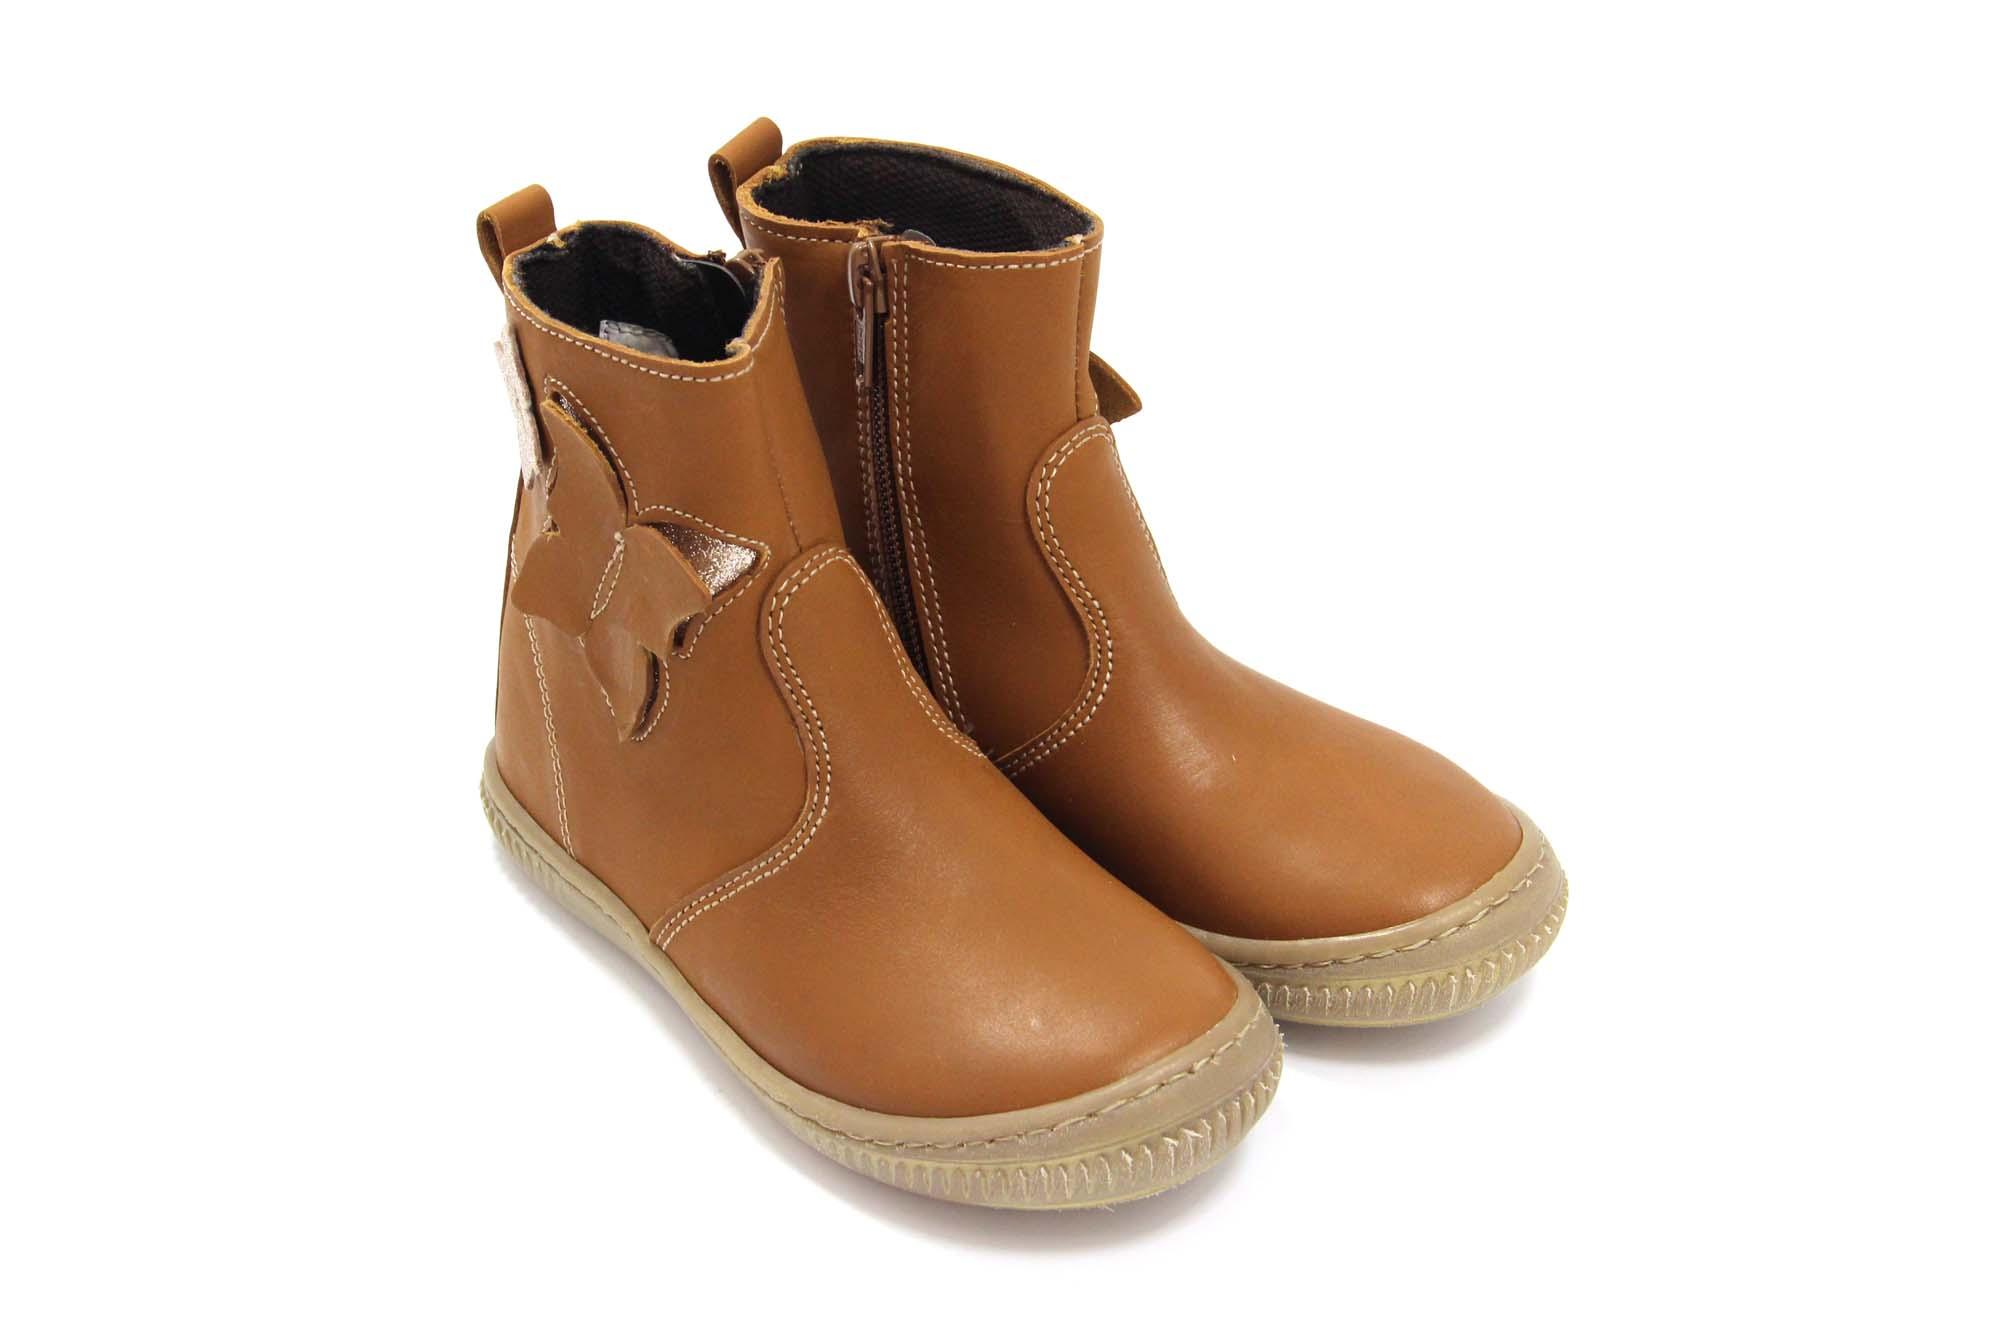 256af2d9f Ботинки для девочек FRIBOO 7571 / Размер: 28